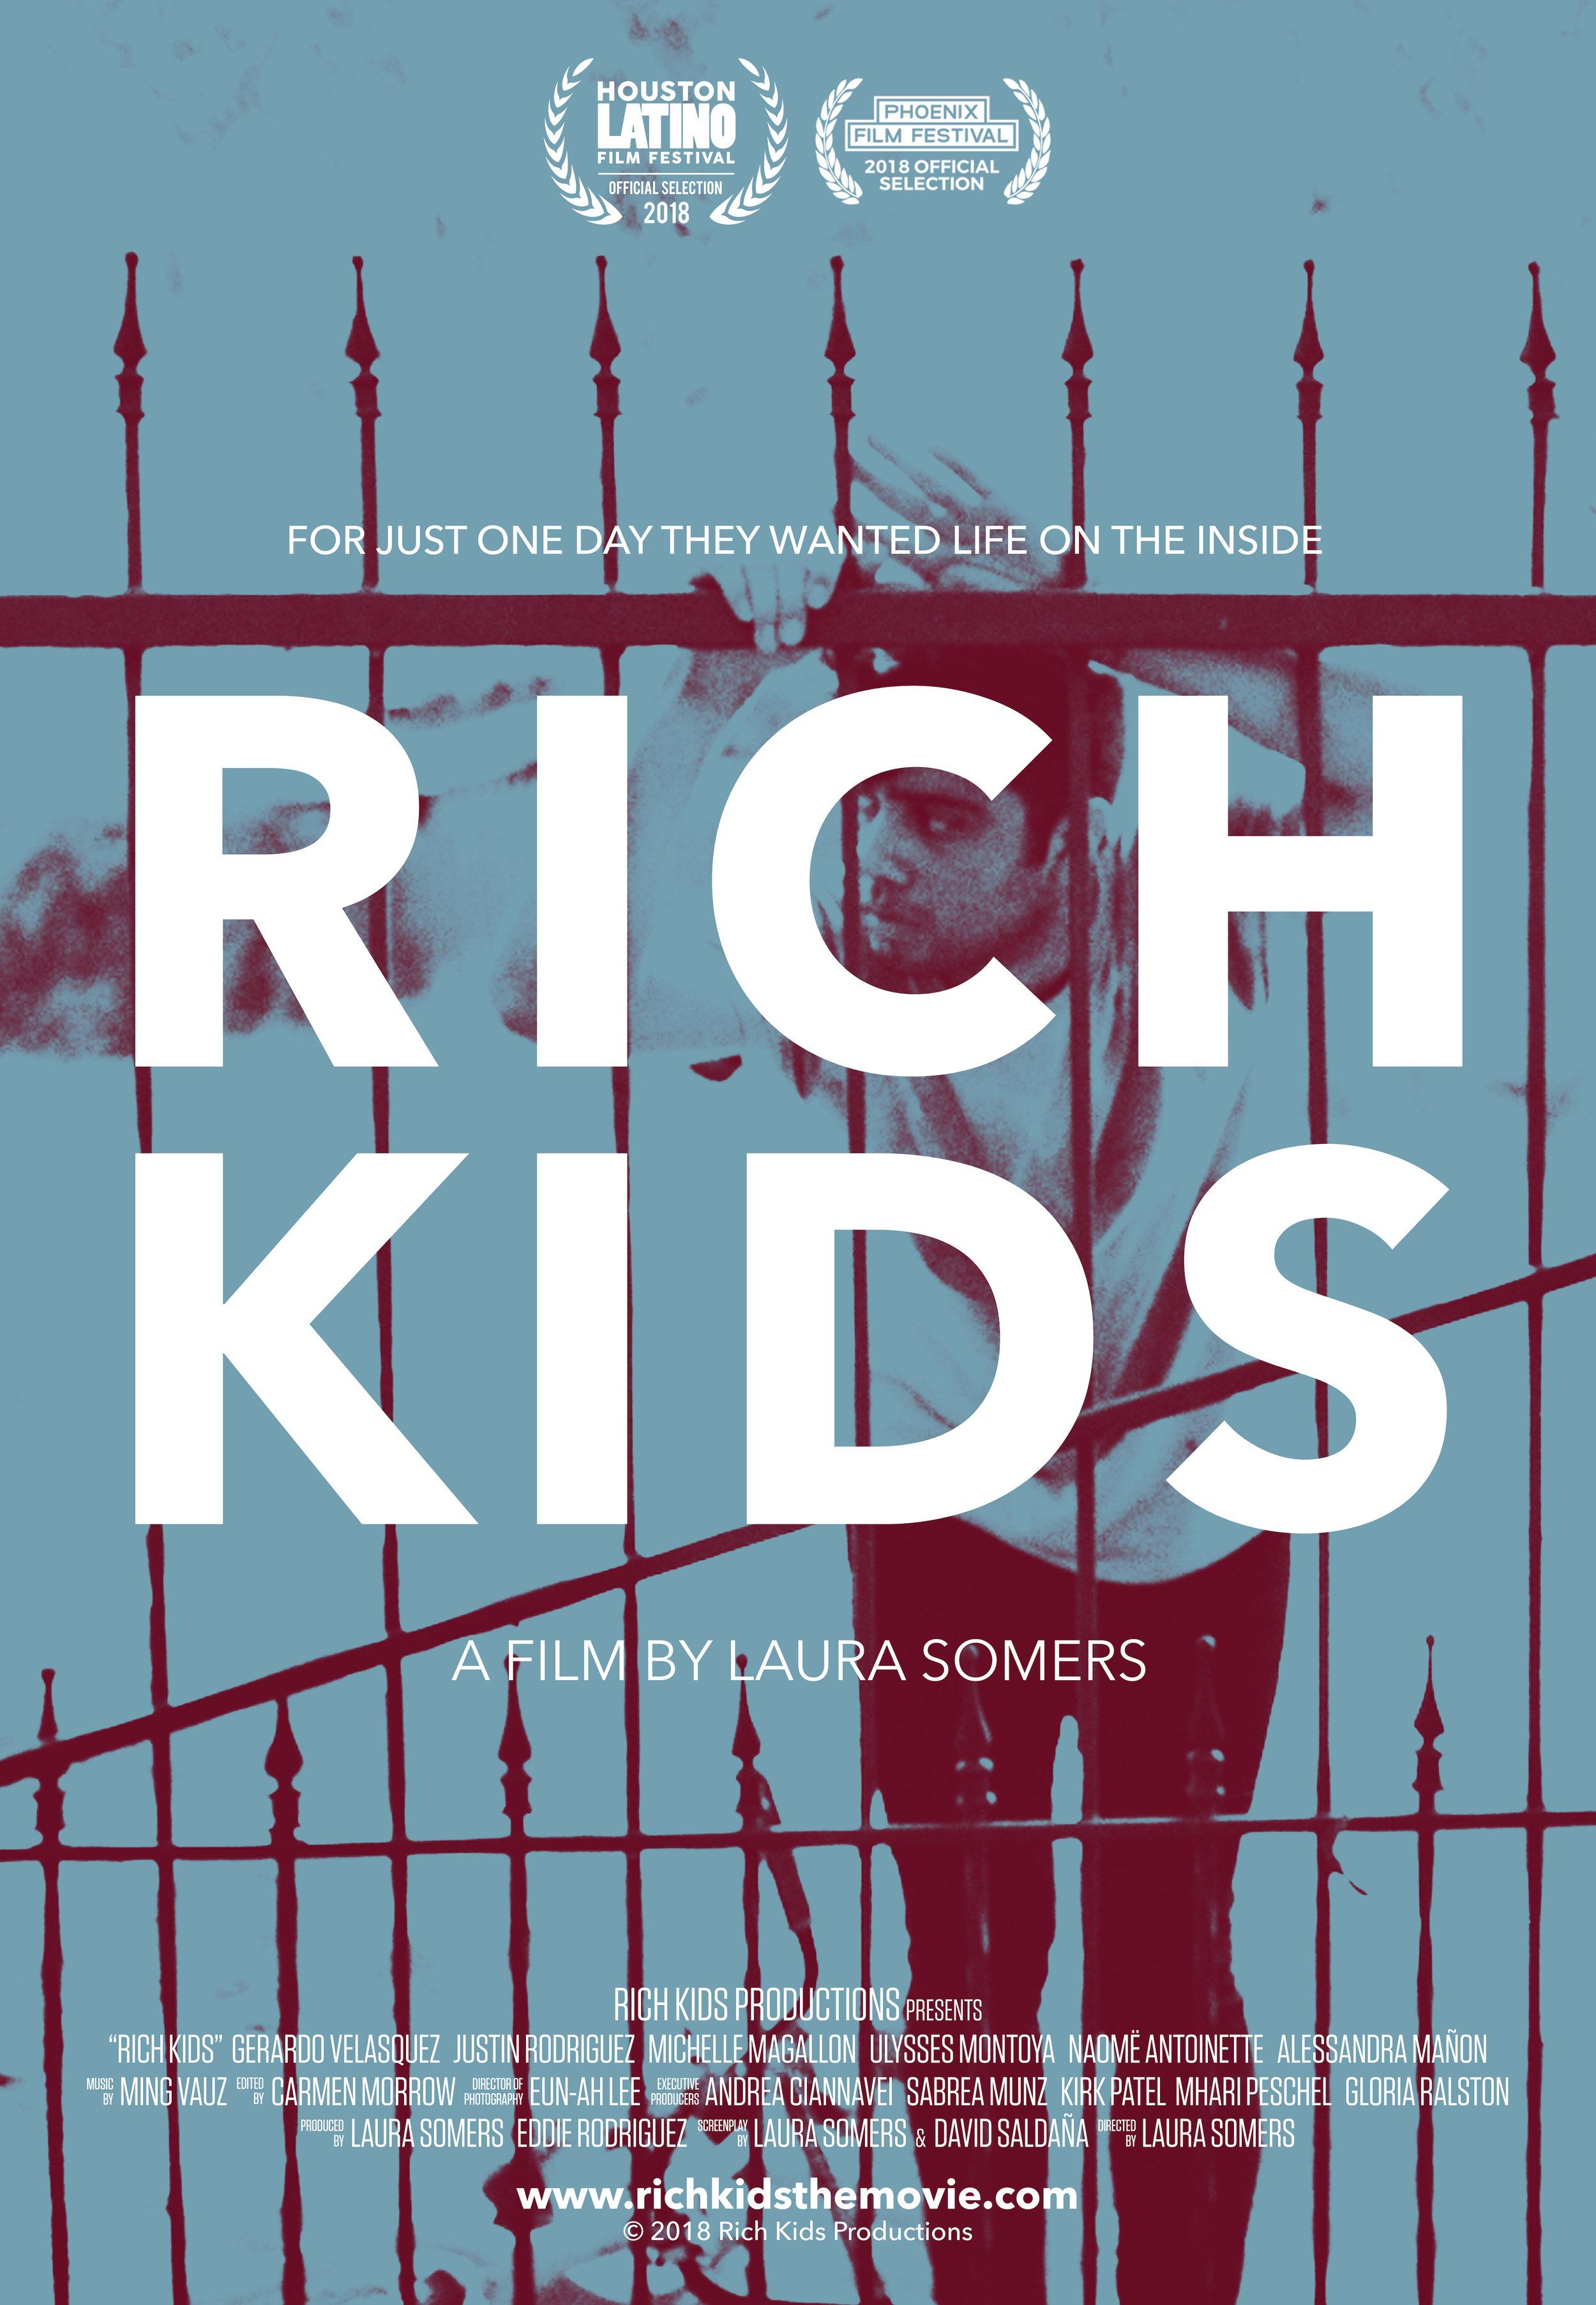 RICH KIDS Poster 2 half size.jpg